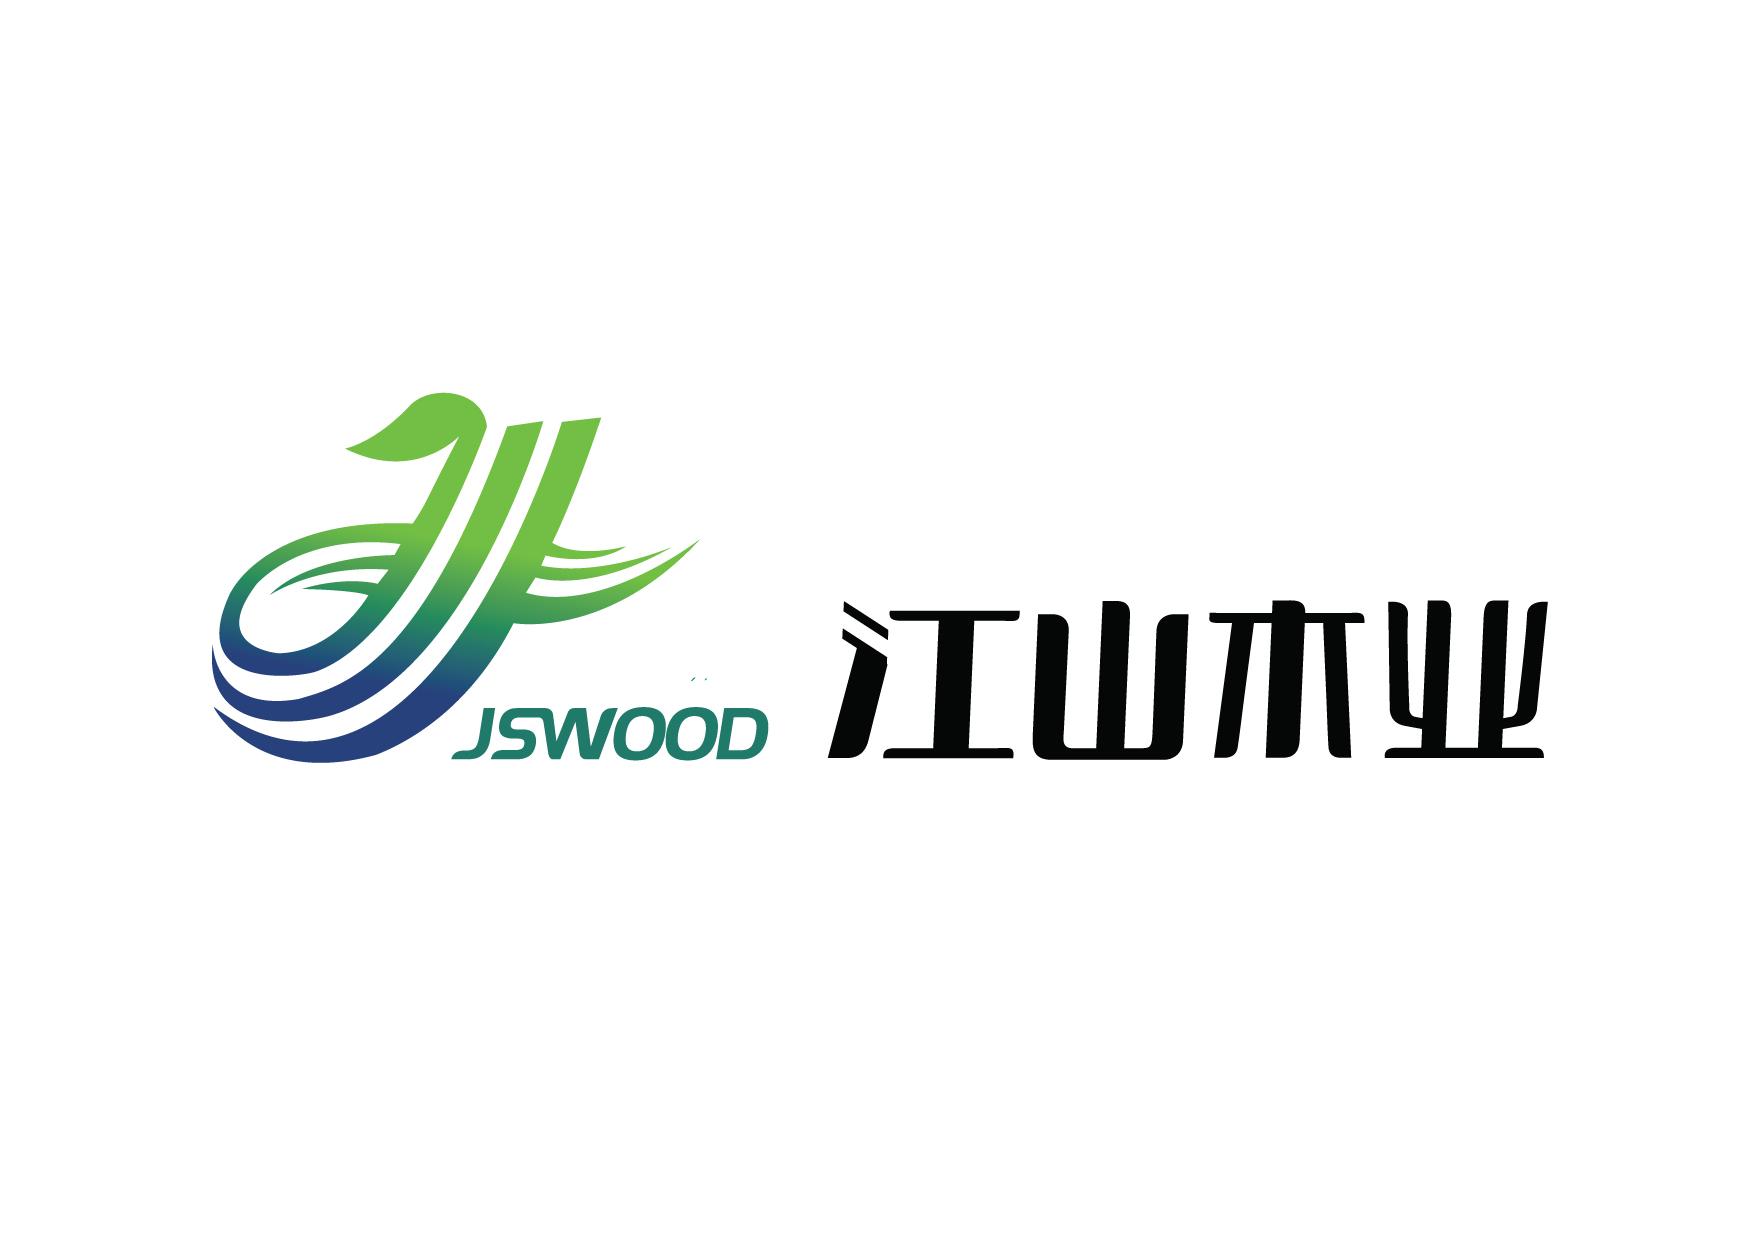 徐州歐美國林人造板有限公司